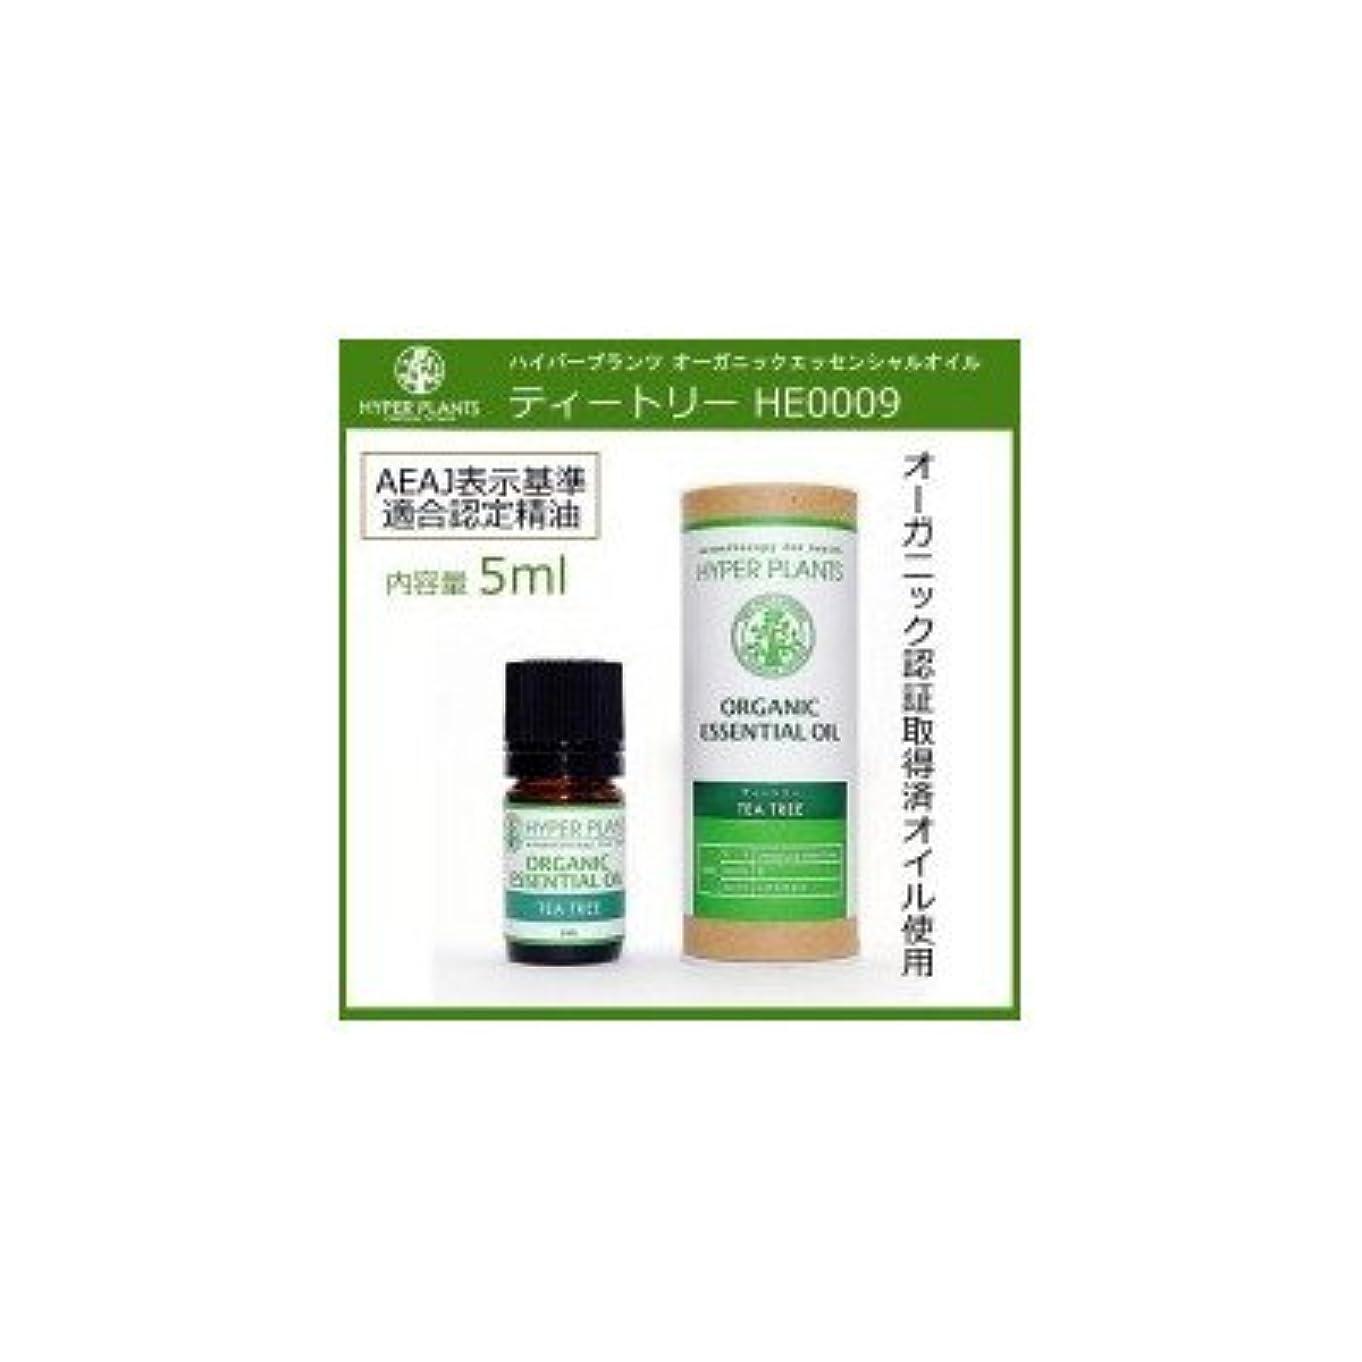 ソロ承認するパースブラックボロウ毎日の生活にアロマの香りを HYPER PLANTS ハイパープランツ オーガニックエッセンシャルオイル ティートリー 5ml HE0009